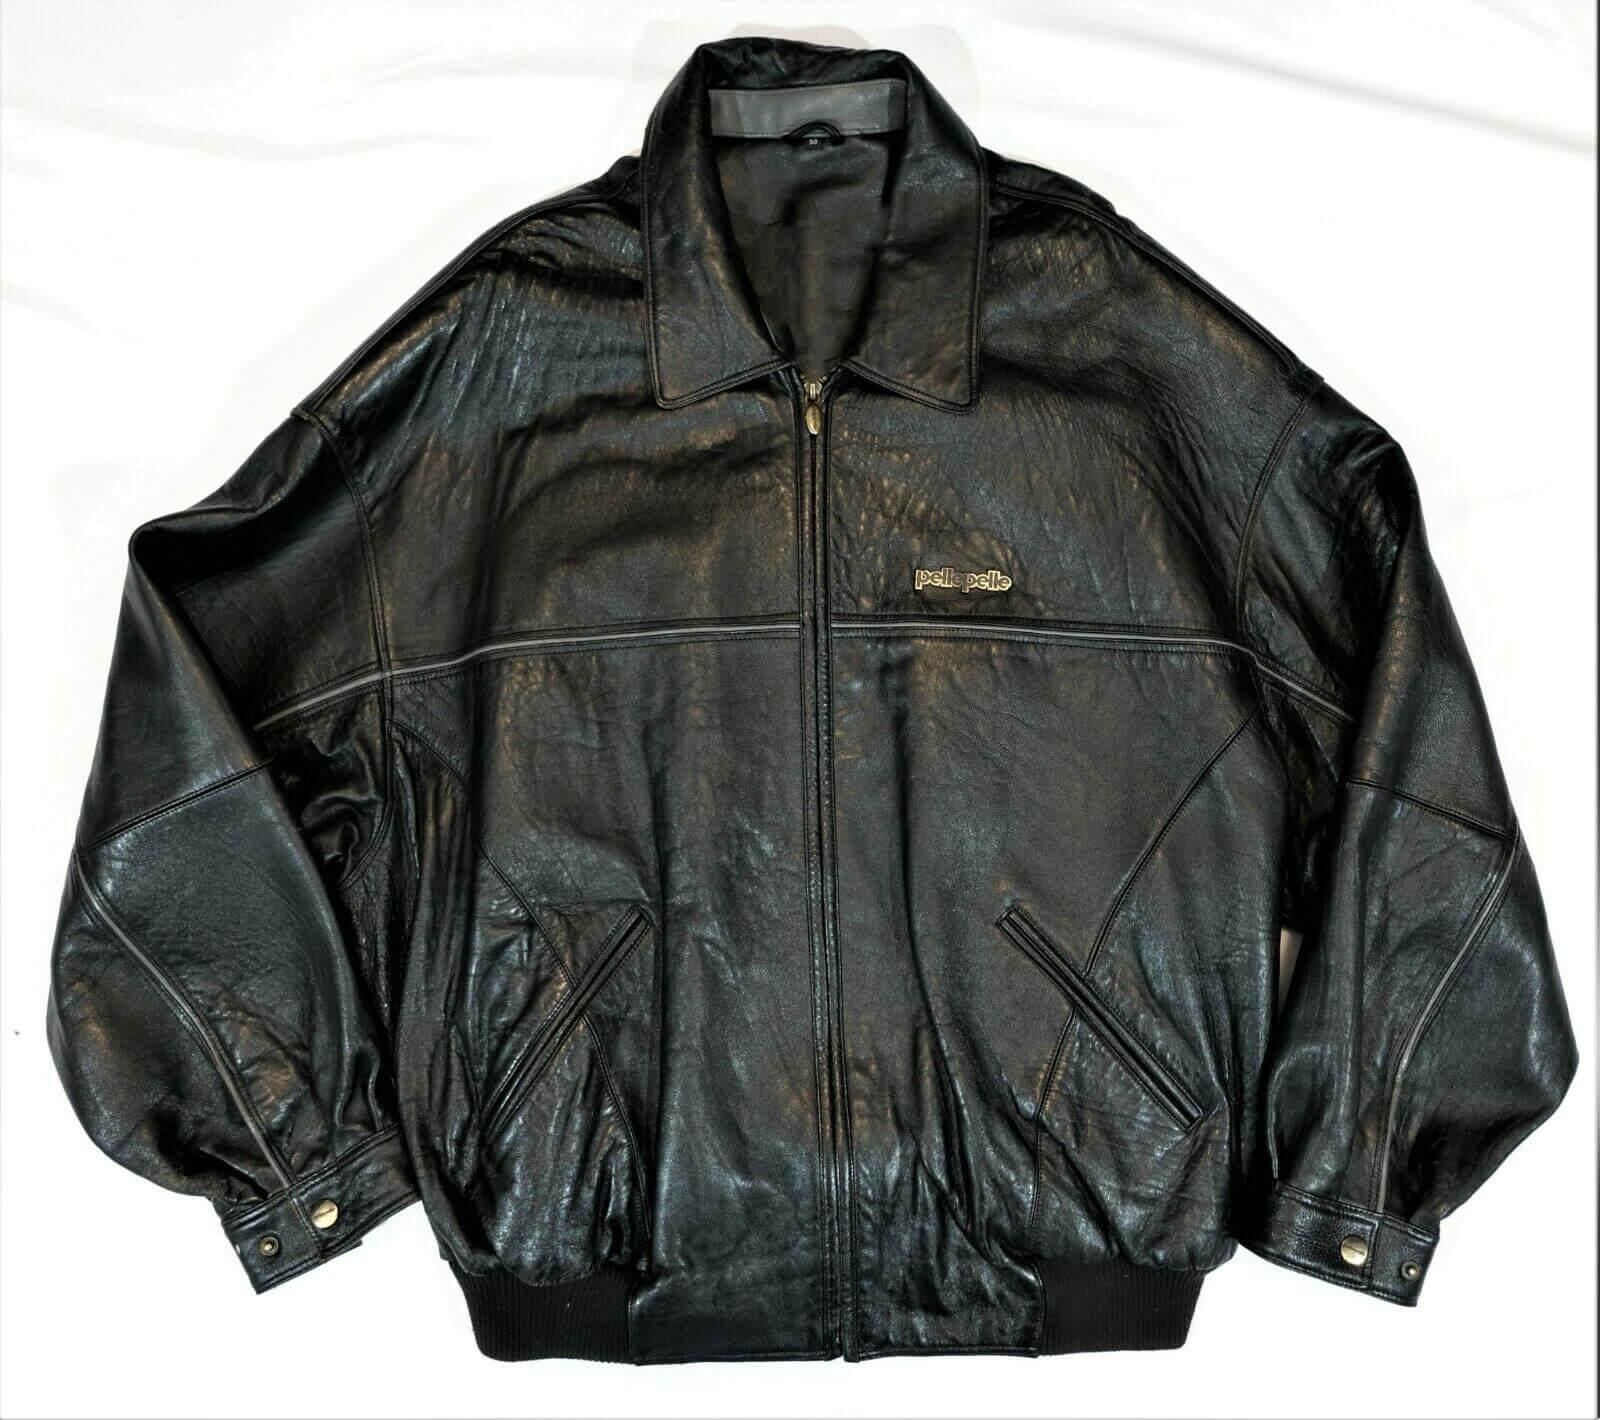 Pelle Pelle Black Vintage Leather Bomber Jacket